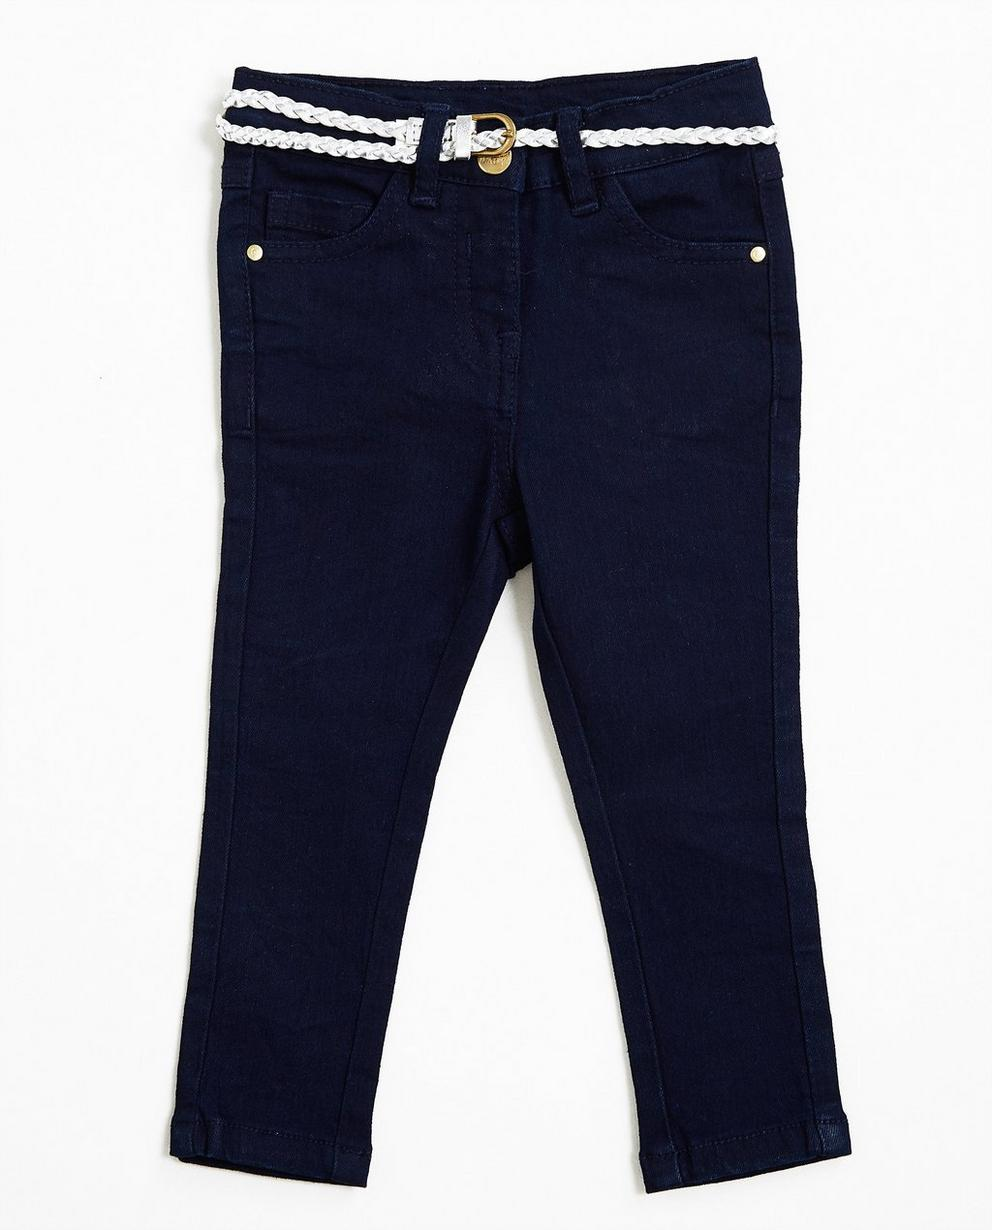 Nachtblaue Jeans - mit Metallic-Gürtel - JBC